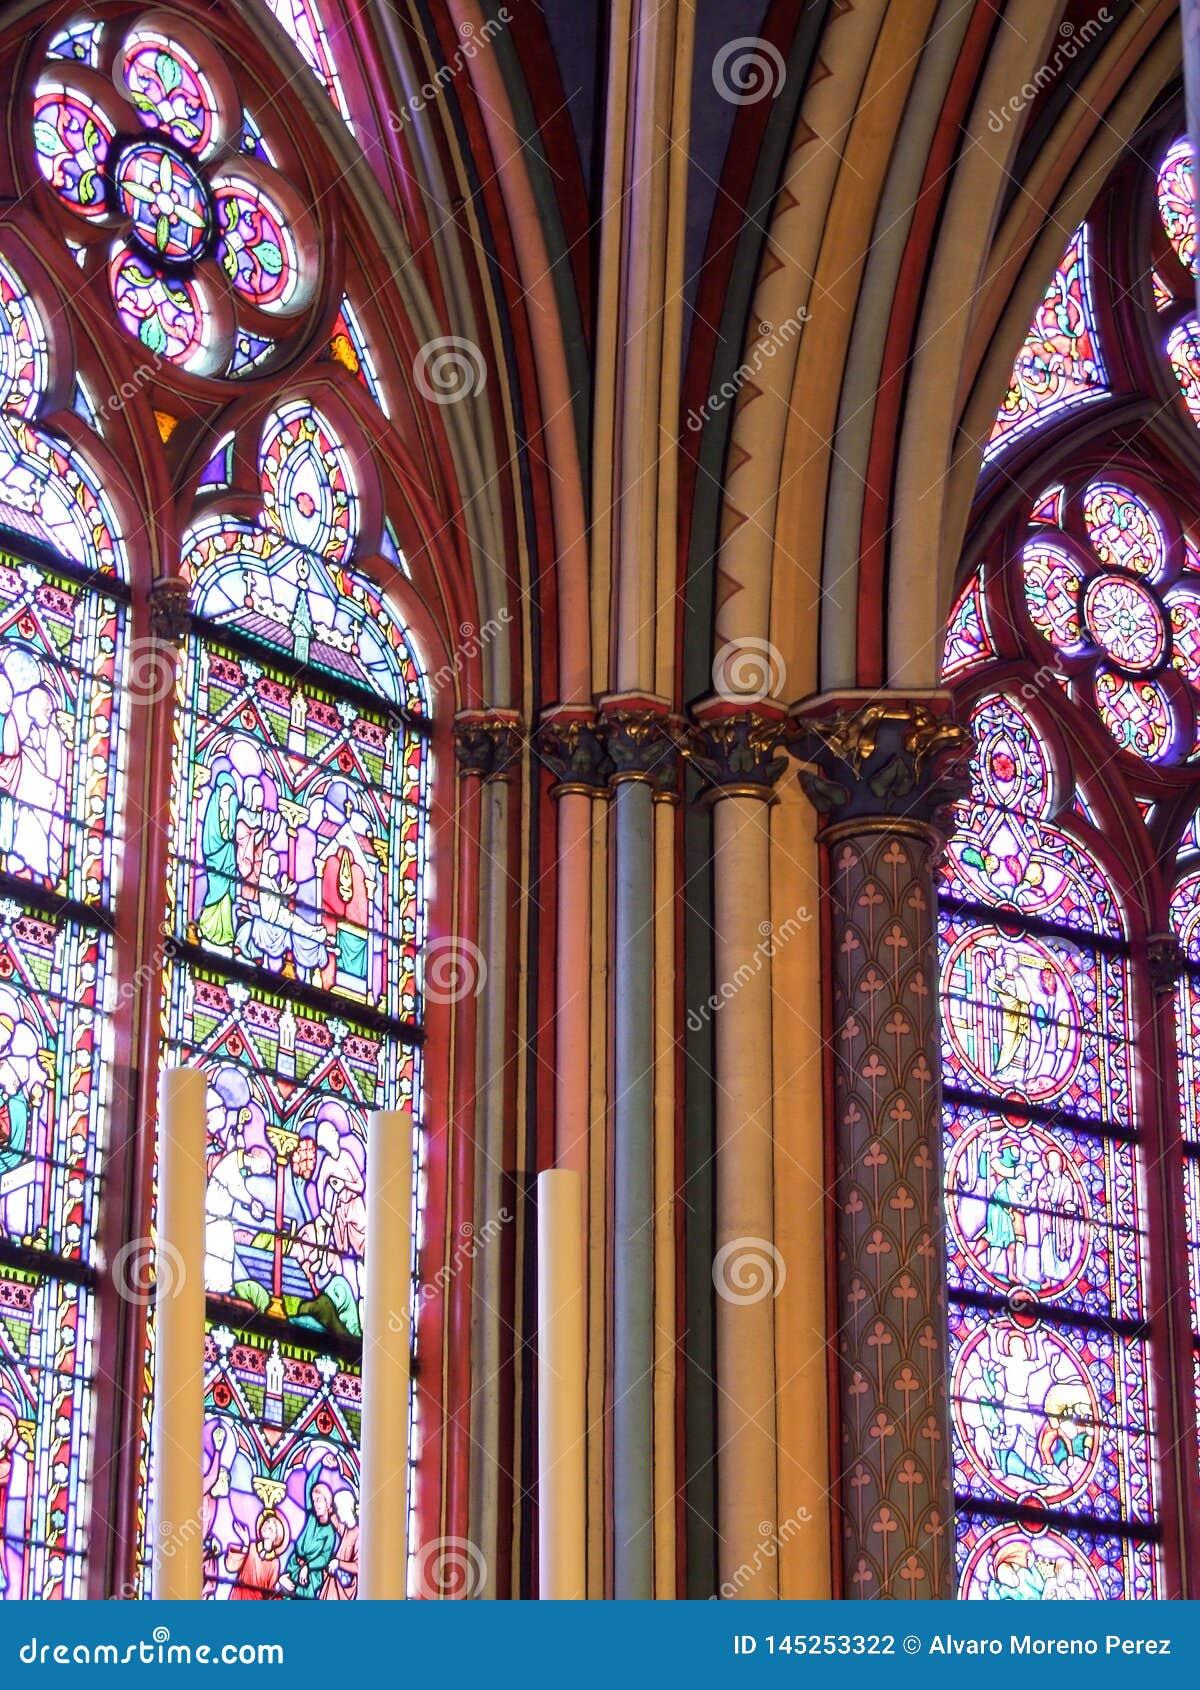 Columnas policromas de Notre Dame de Paris